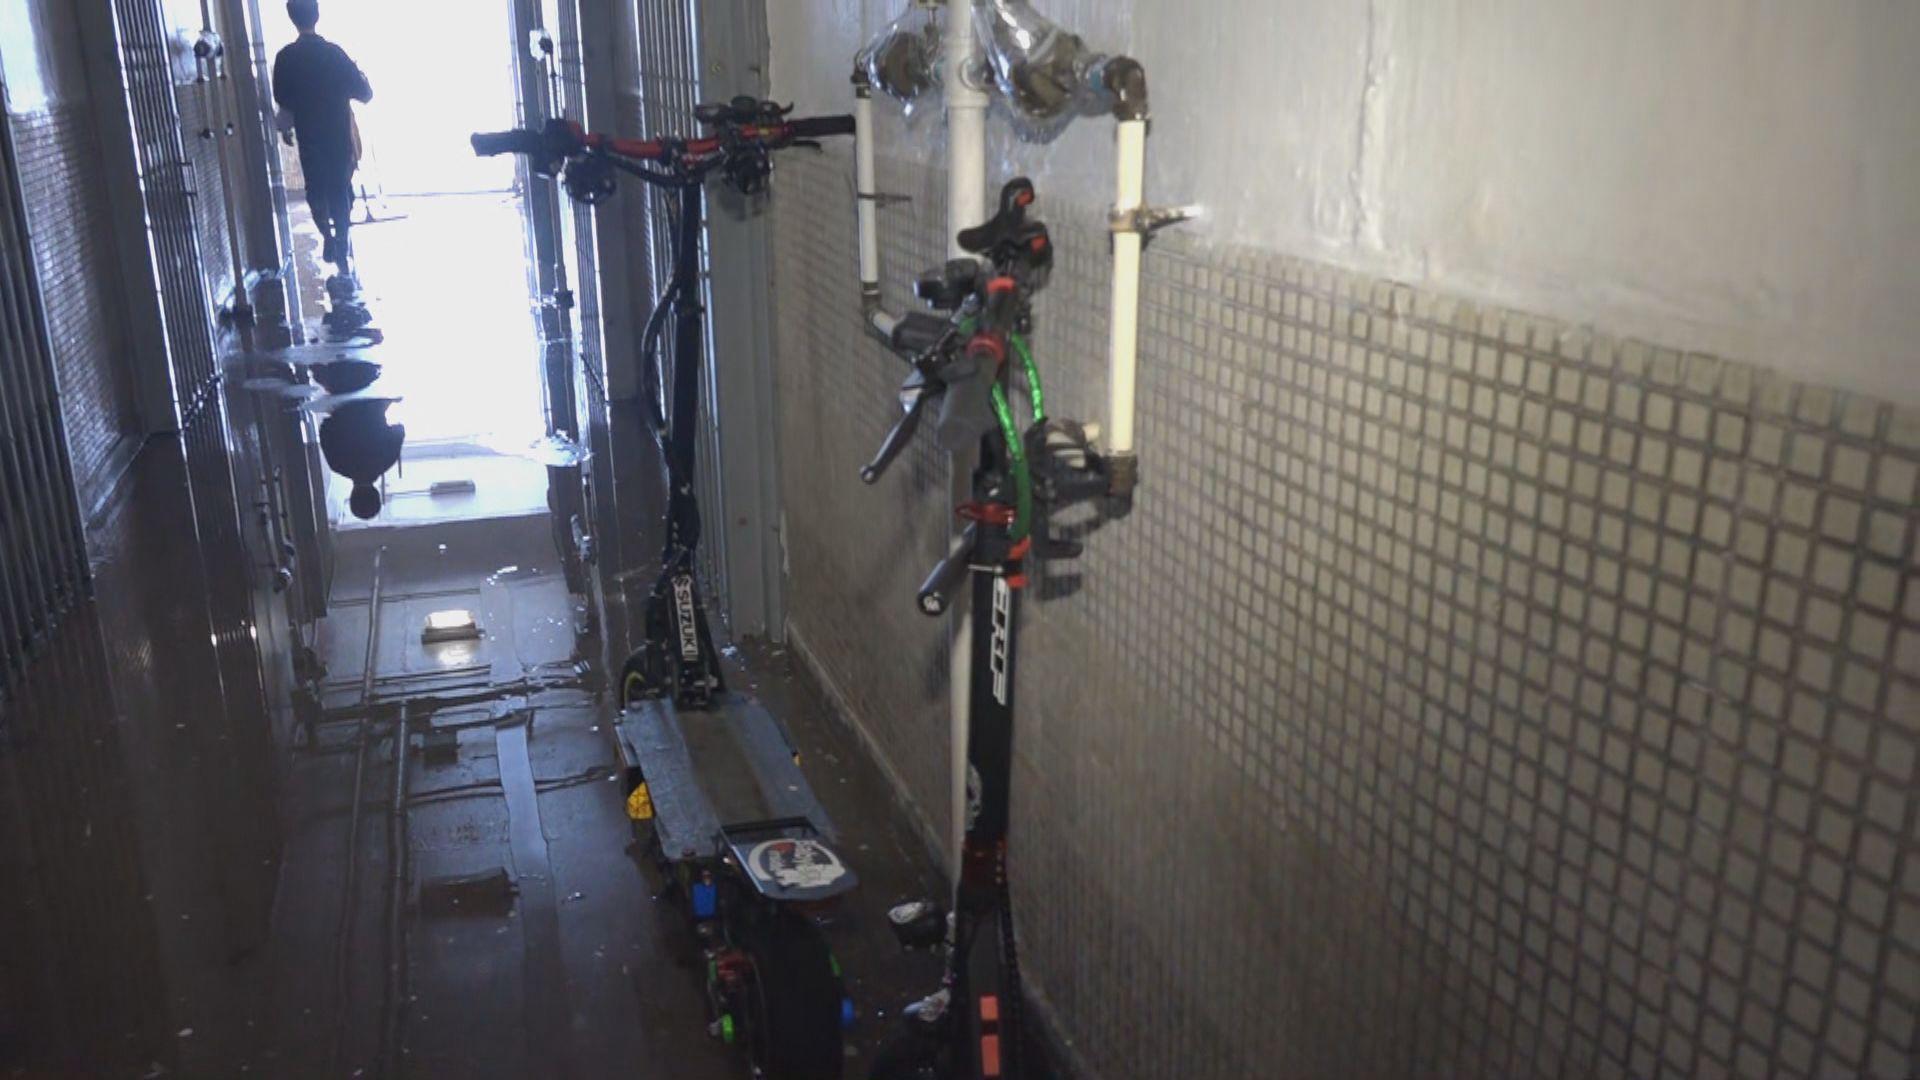 沙角邨火警 鄰居稱走廊長期擺放多輛電動滑板車